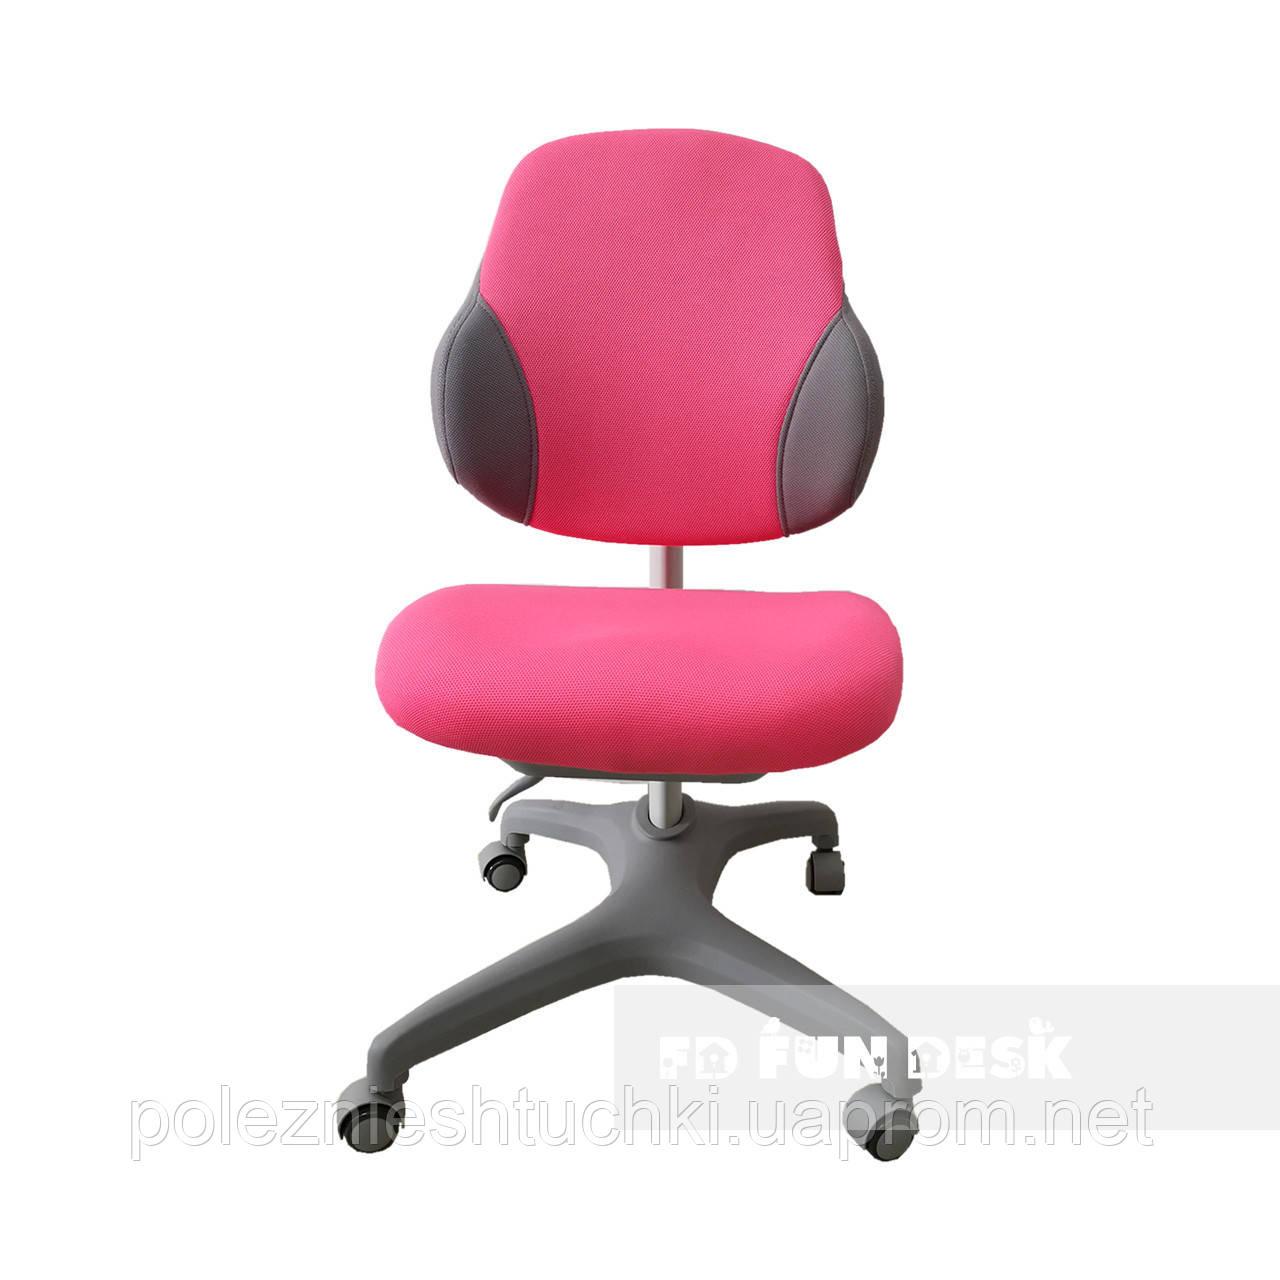 Детское эргономичное кресло FunDesk Inizio Pink